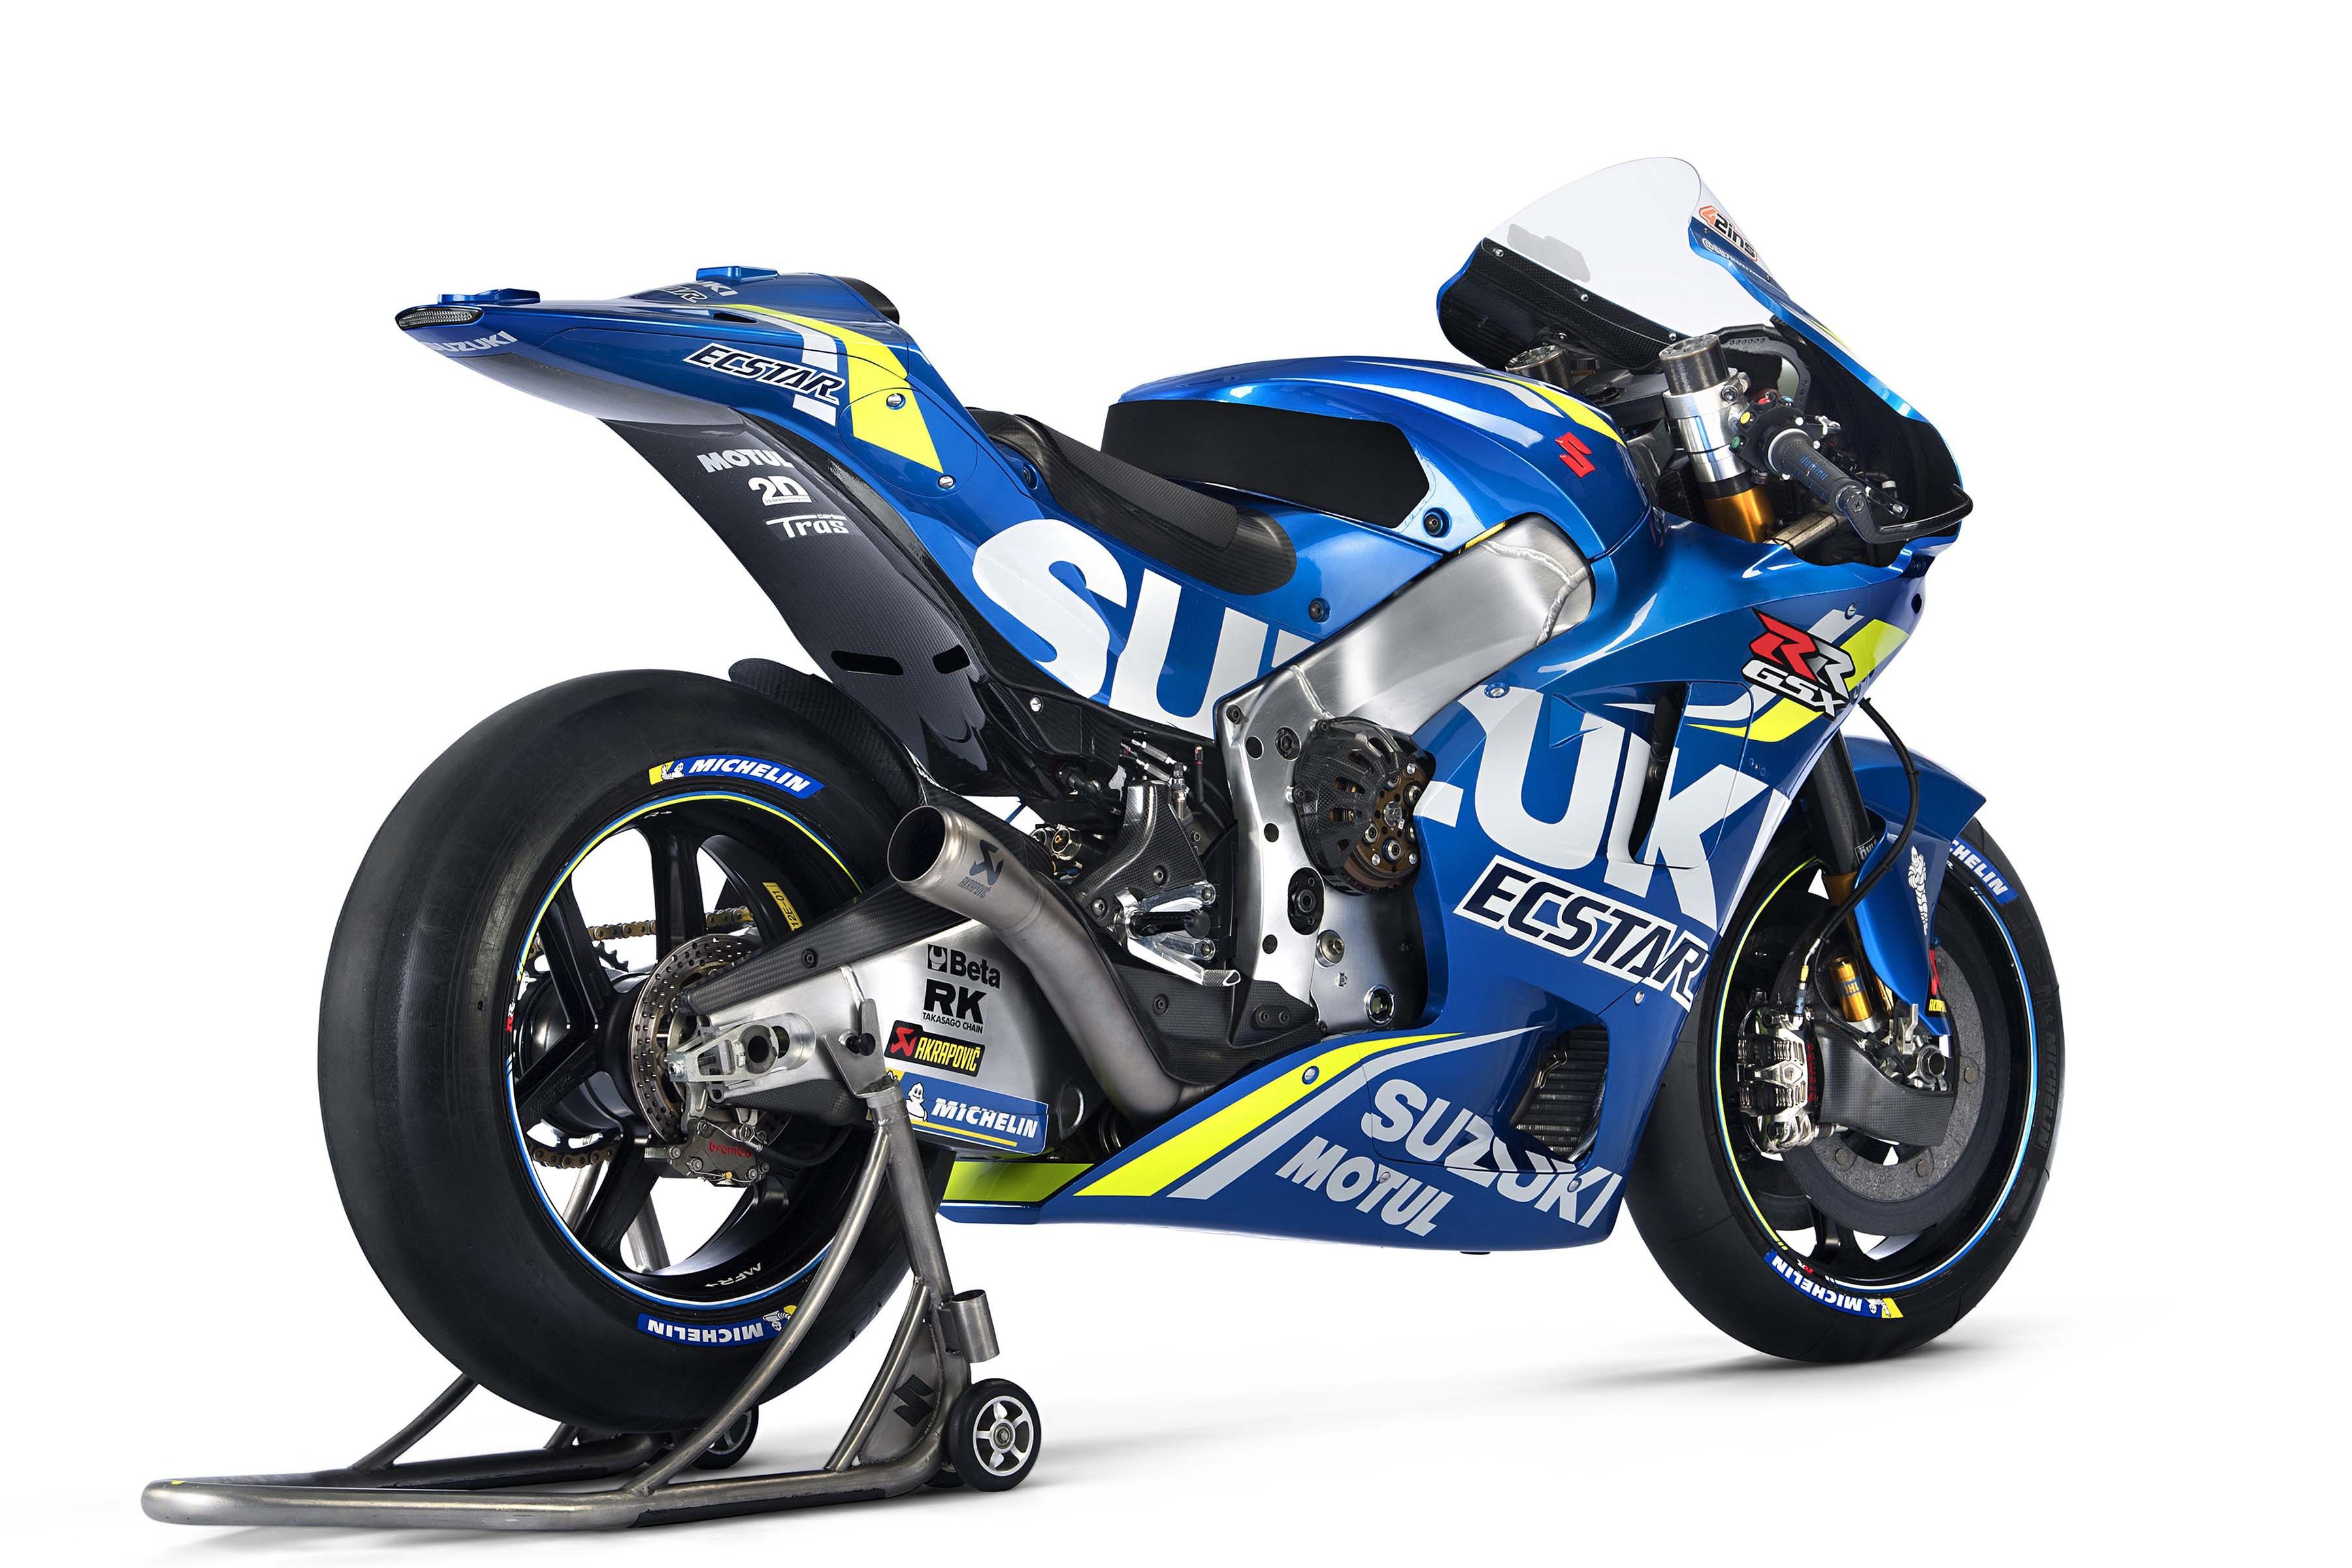 2018 Ecstar Suzuki Motogp Race Bikes Suzuki Motorcycle